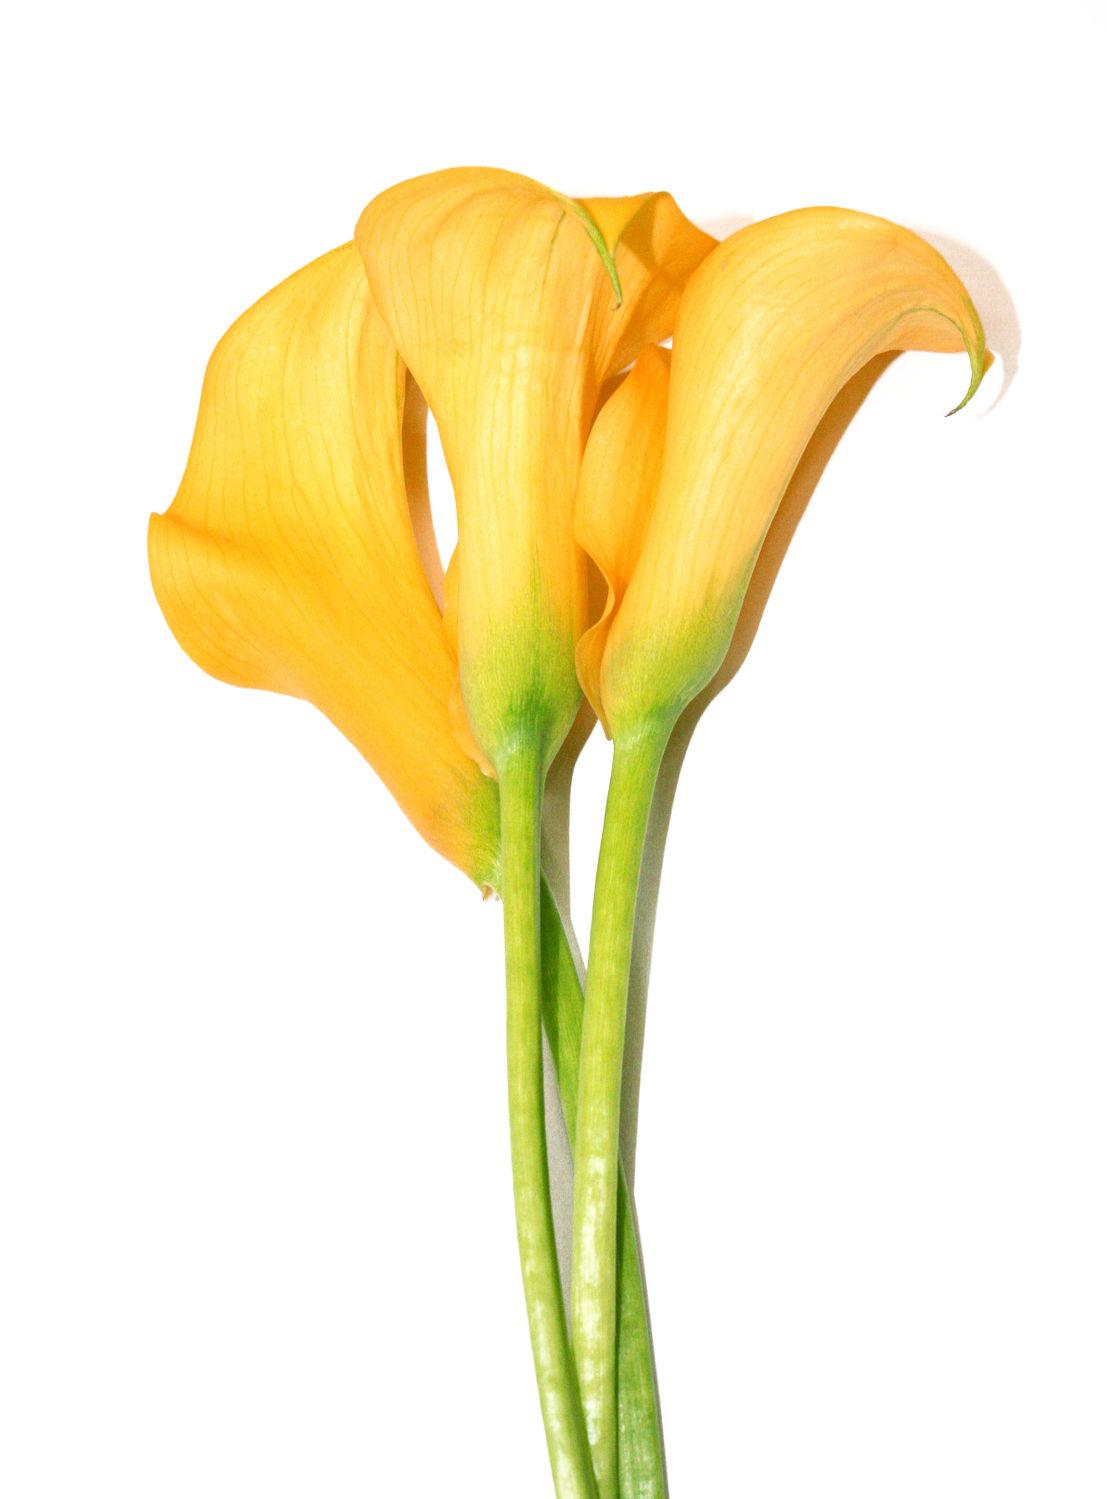 Bild mit Farben, Orange, Gelb, Gegenstände, Natur, Grün, Pflanzen, Blumen, Blume, calla lily, Calla, Calla, Zantedeschien, Callas, Kalla, kalós, καλός, Zantedeschia, Calla lillies, gelbe Calla, Lilien